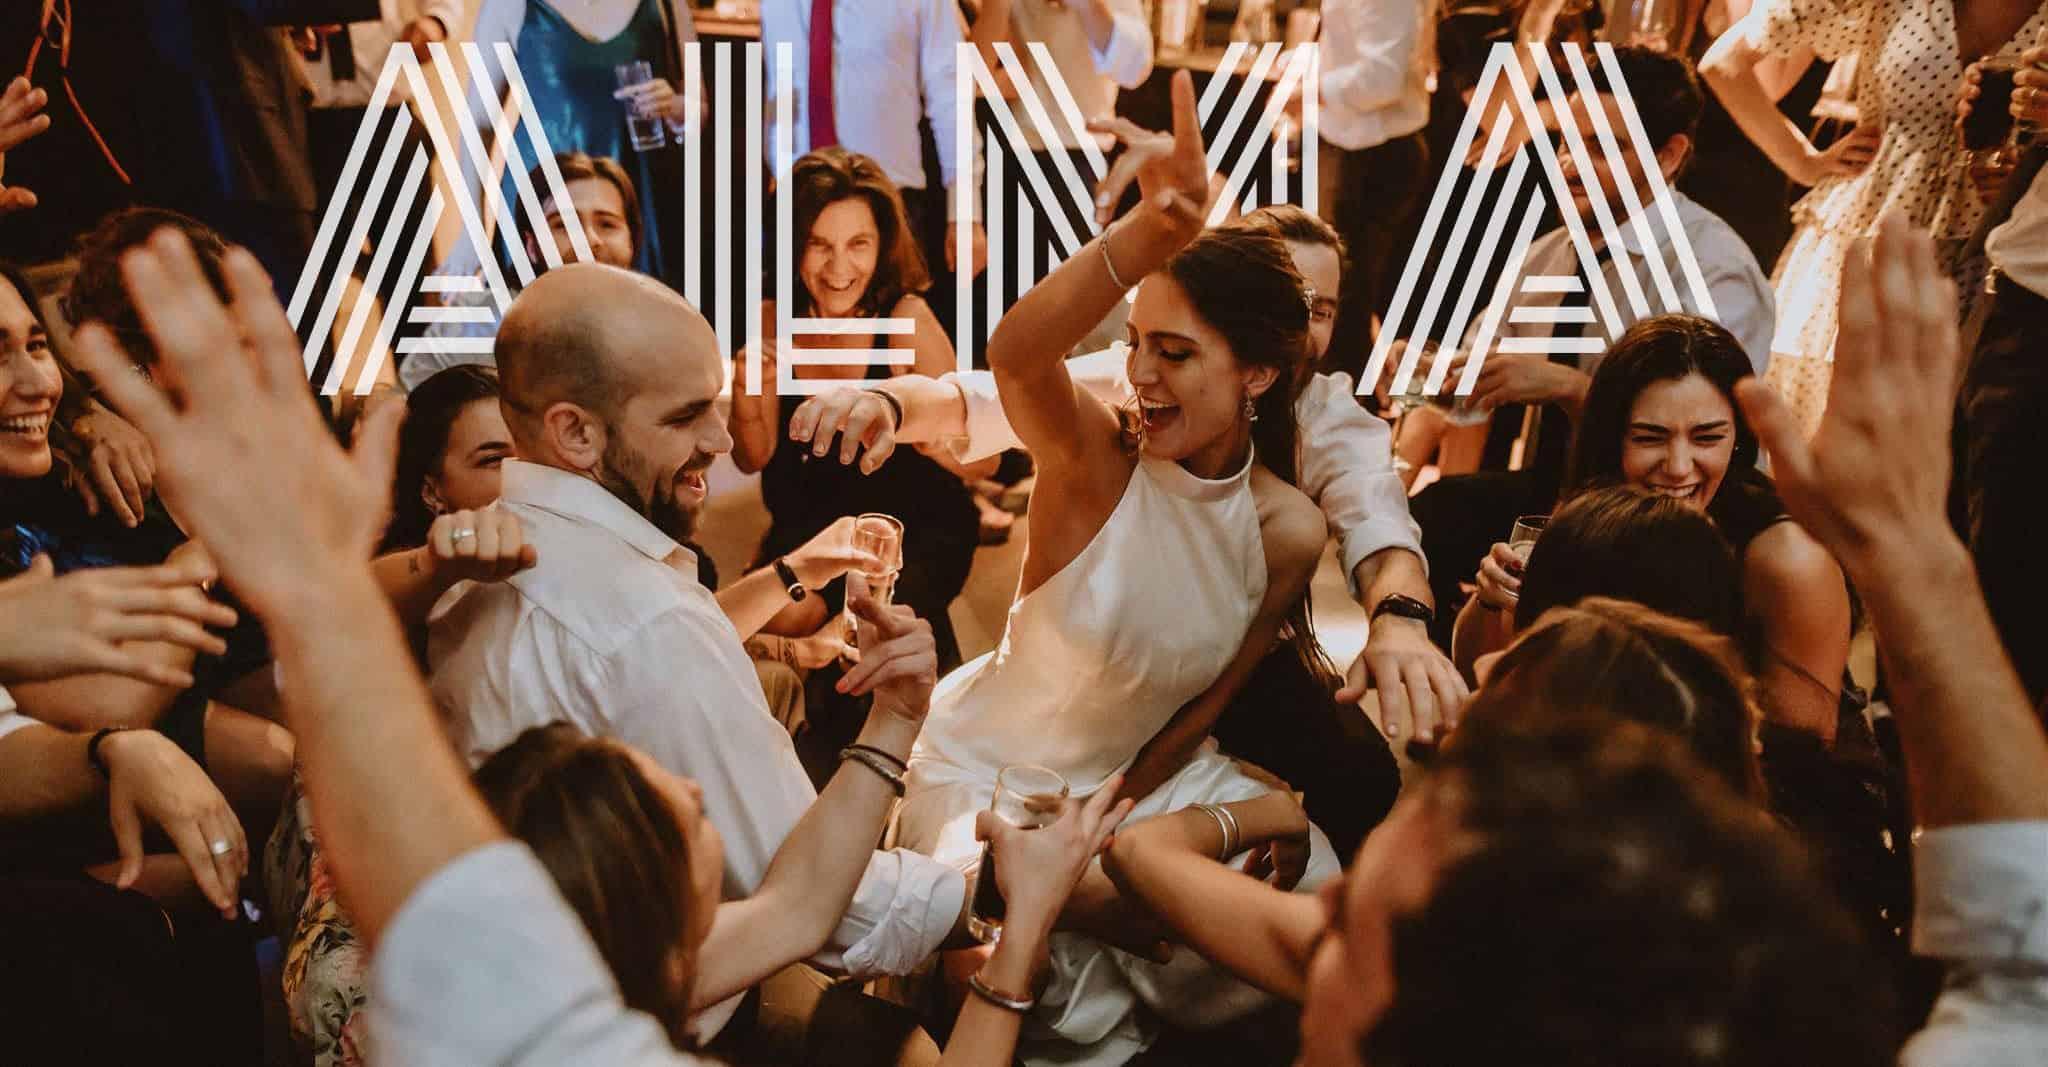 Fotografia de Matrimonio. Barbara y Benjamin en la fiesta de su matrimonio en Vista Santiago.